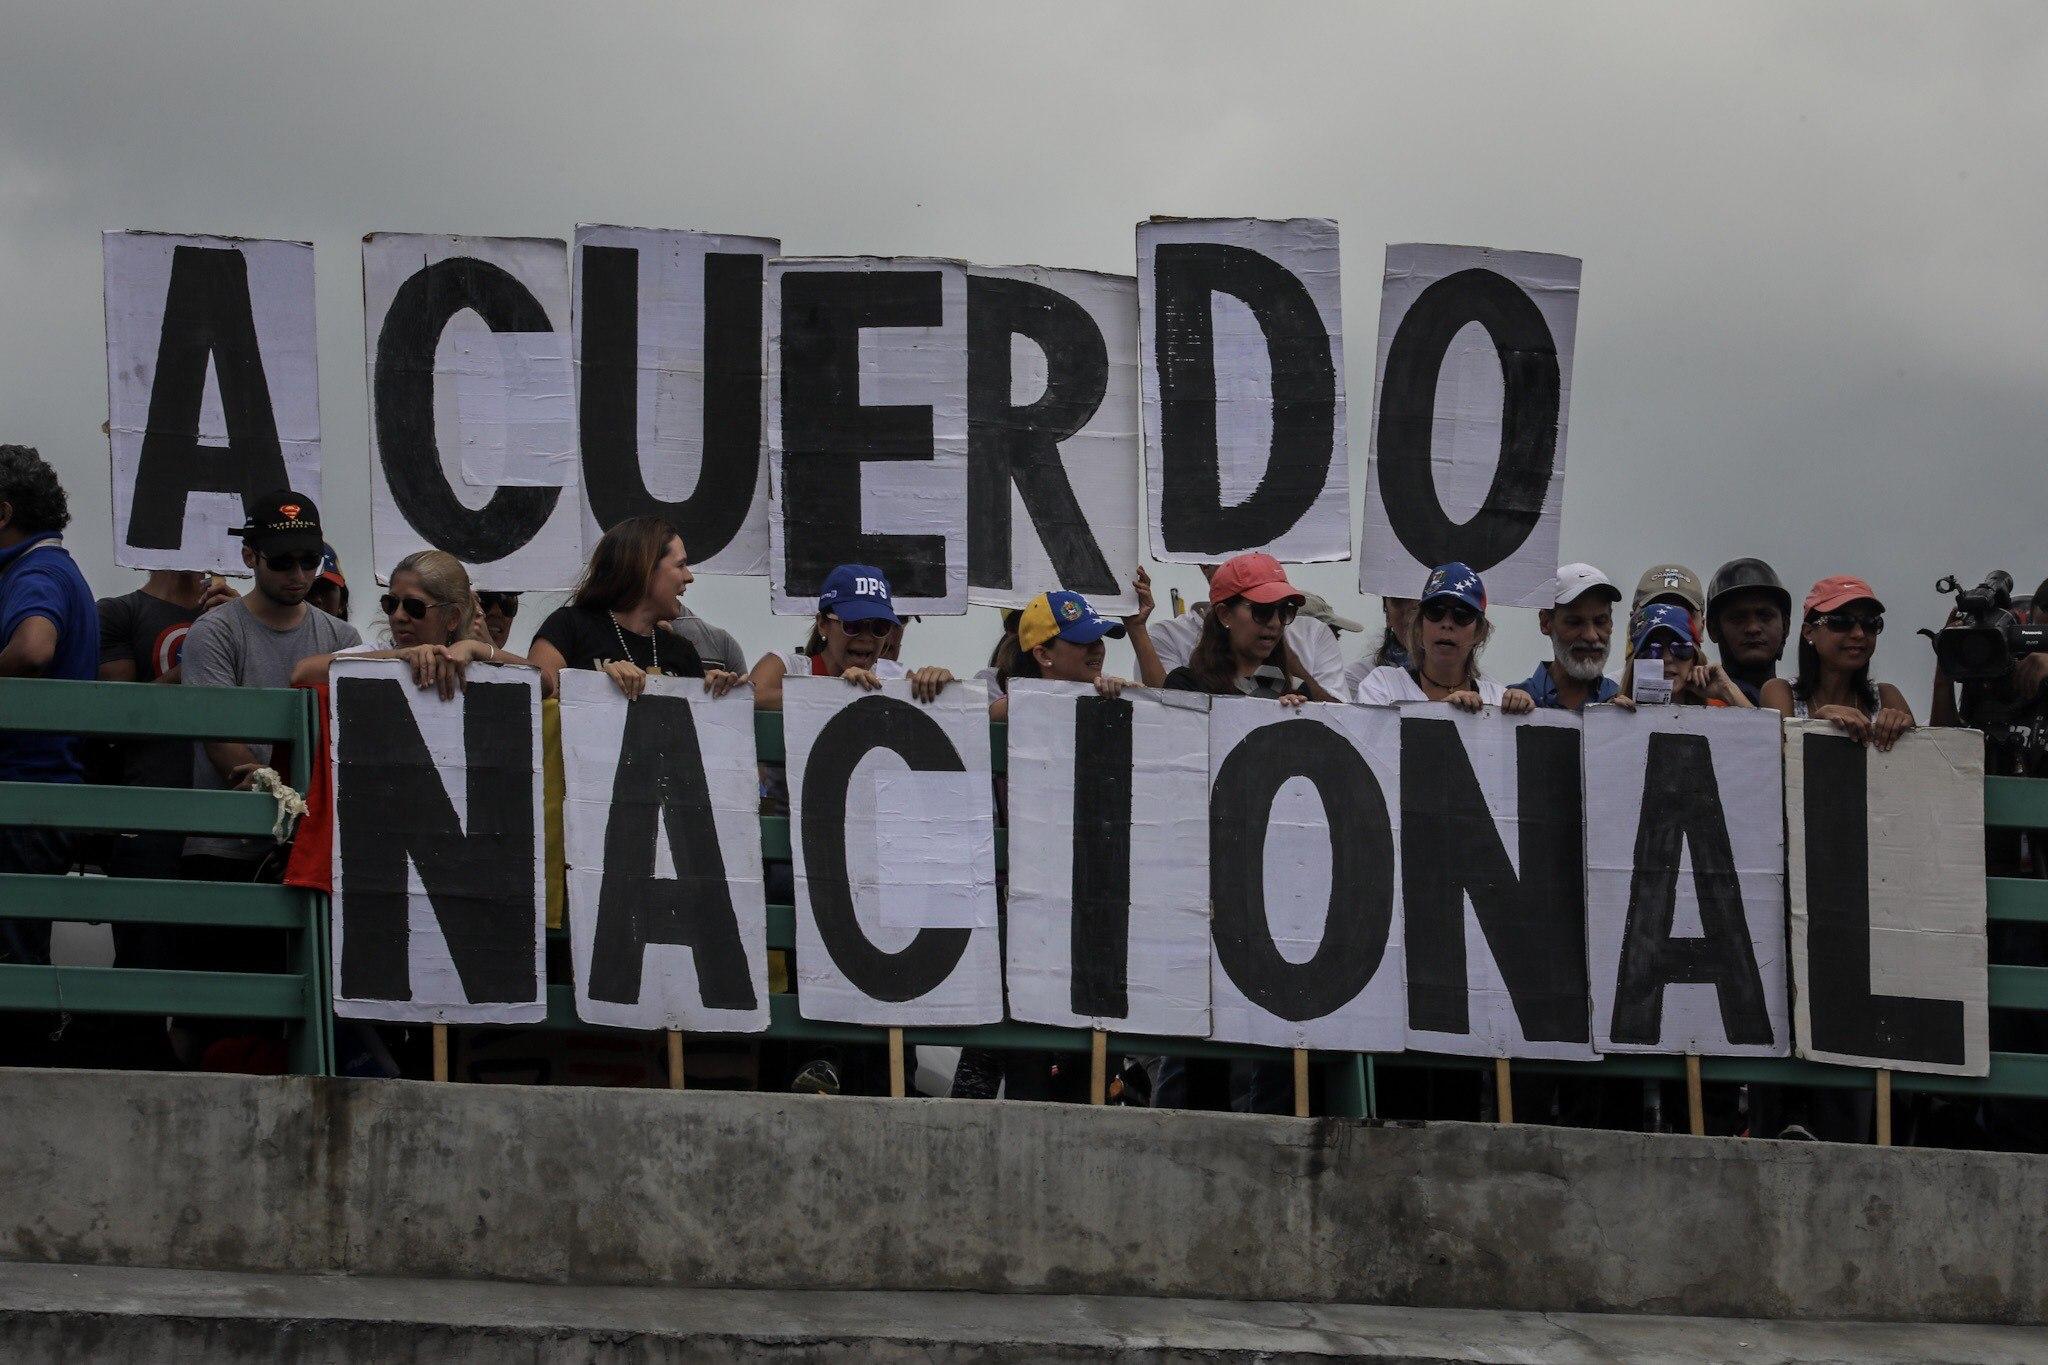 CAR05. CARACAS (VENEZUELA), 01/07/2017.- Manifestantes opositores participan en una marcha hoy, sábado 1 de julio de 2017, en Caracas (Venezuela). La oposición venezolana realiza hoy una concentración en Caracas como protesta contra la solicitud de antejuicio de mérito contra la fiscal de ese país, Luisa Ortega Díaz, que el Tribunal Supremo de Justicia (TSJ) admitió el pasado 20 de junio y con lo que la funcionaria podría ser enjuiciada. La coalición opositora Mesa de la Unidad Democrática (MUD) invitó a las personas a concentrarse en el este de Caracas, específicamente en la autopista Francisco Fajardo, principal arteria vial de la capital, a la altura de Los Ruices. EFE/Miguel Gutiérrez